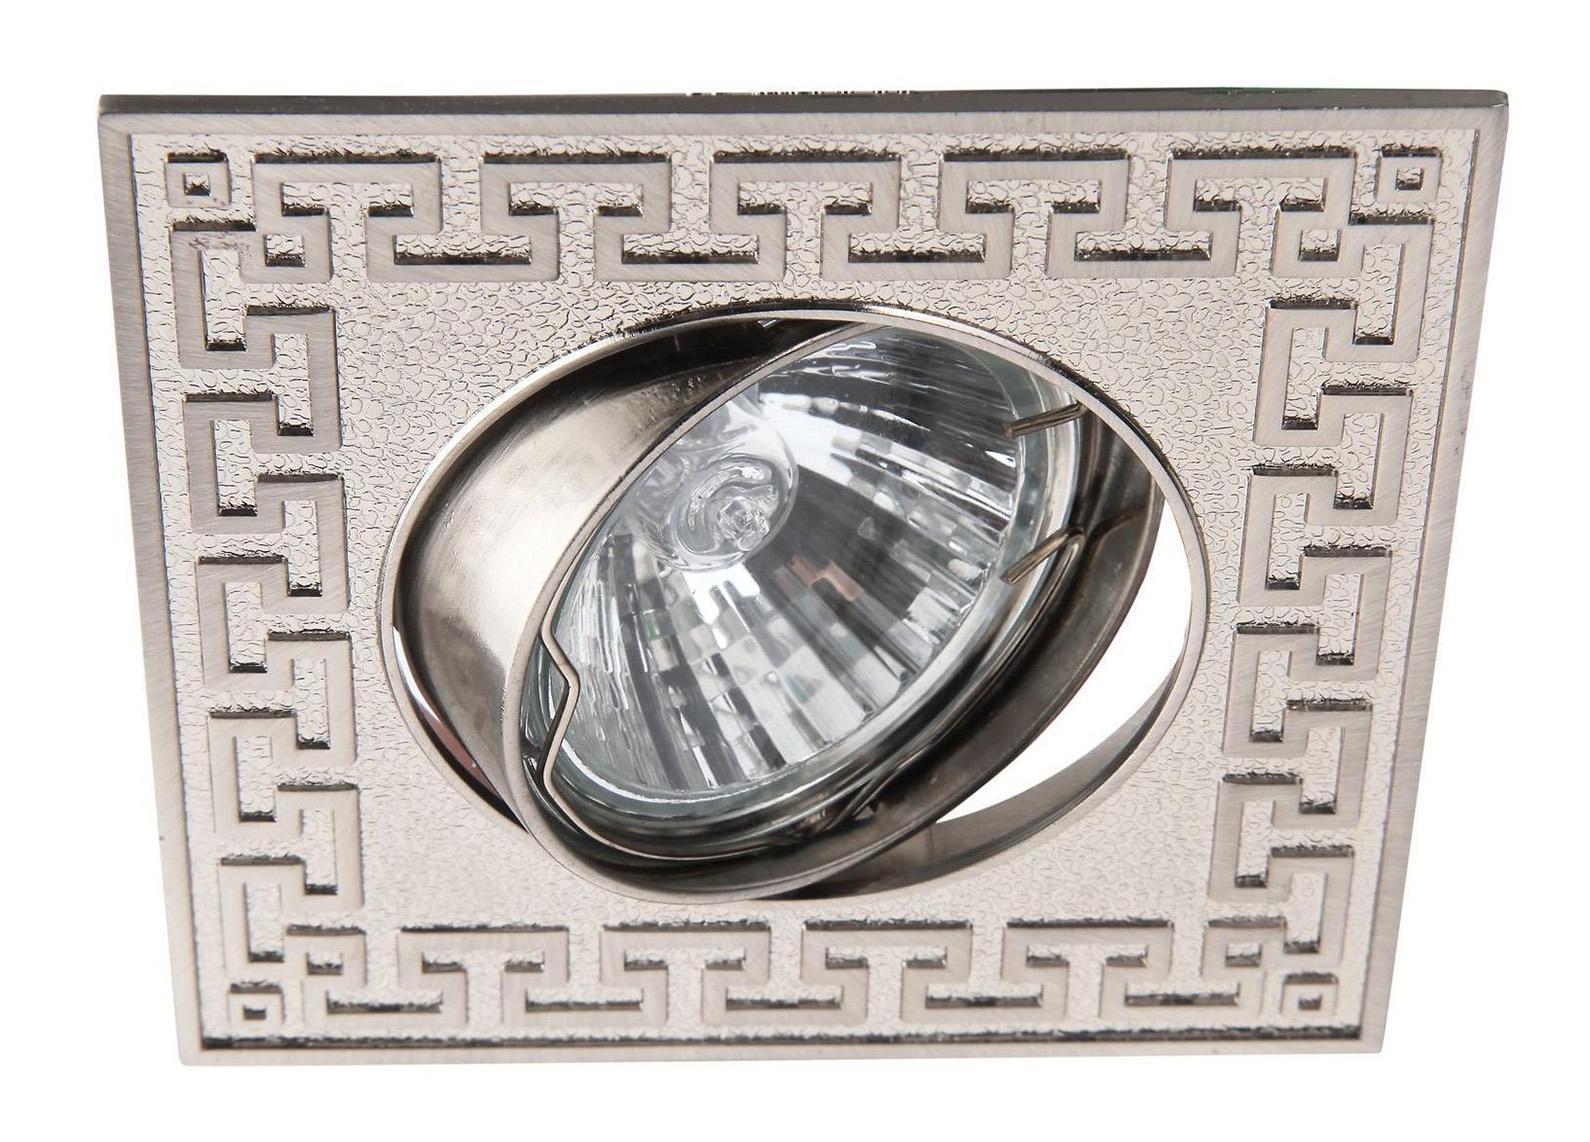 Светильник встраиваемый Arte lampСветильники встраиваемые<br>Стиль светильника: этнический,<br>Диаметр: 93,<br>Форма светильника: квадрат,<br>Материал светильника: металл,<br>Количество ламп: 3,<br>Тип лампы: накаливания,<br>Мощность: 150,<br>Патрон: GU10,<br>Цвет арматуры: серебристый,<br>Назначение светильника: для комнаты,<br>Вес нетто: 0.7<br>